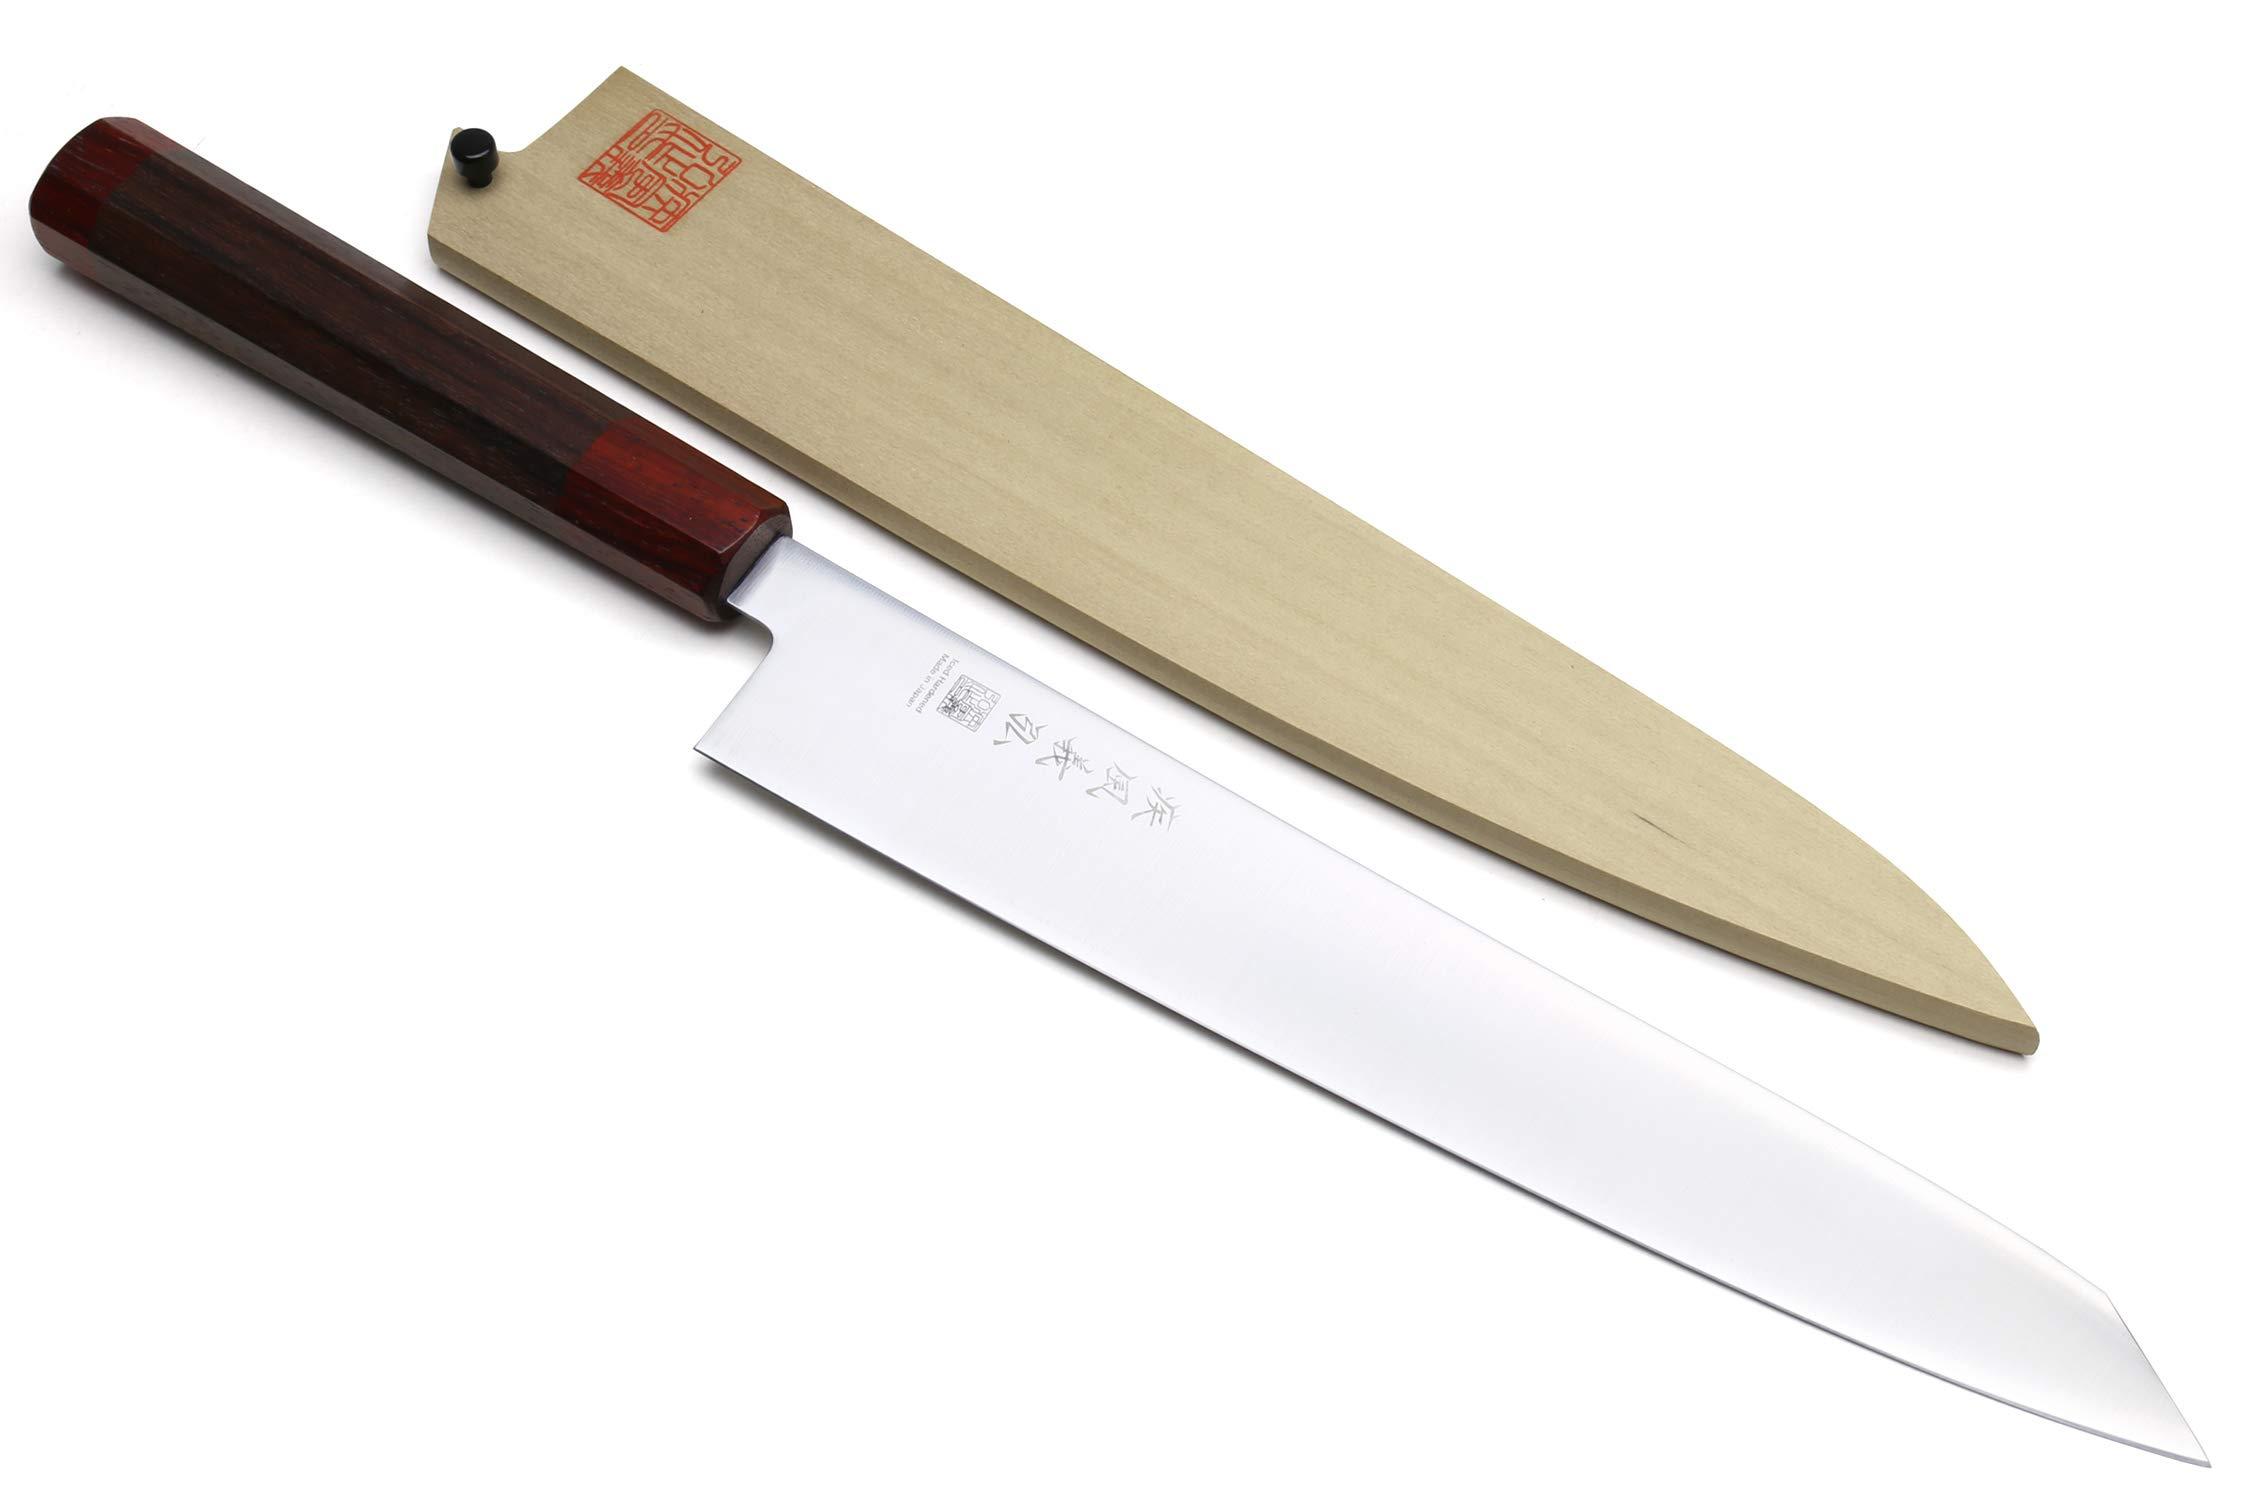 Yoshihiro Ice Hardened Aus-10 Stainless Steel Sujihiki Kiritsuke Slicer Japanese Chef Knife Shitan Rosewood Handle (10.5'' (270mm)) by Yoshihiro